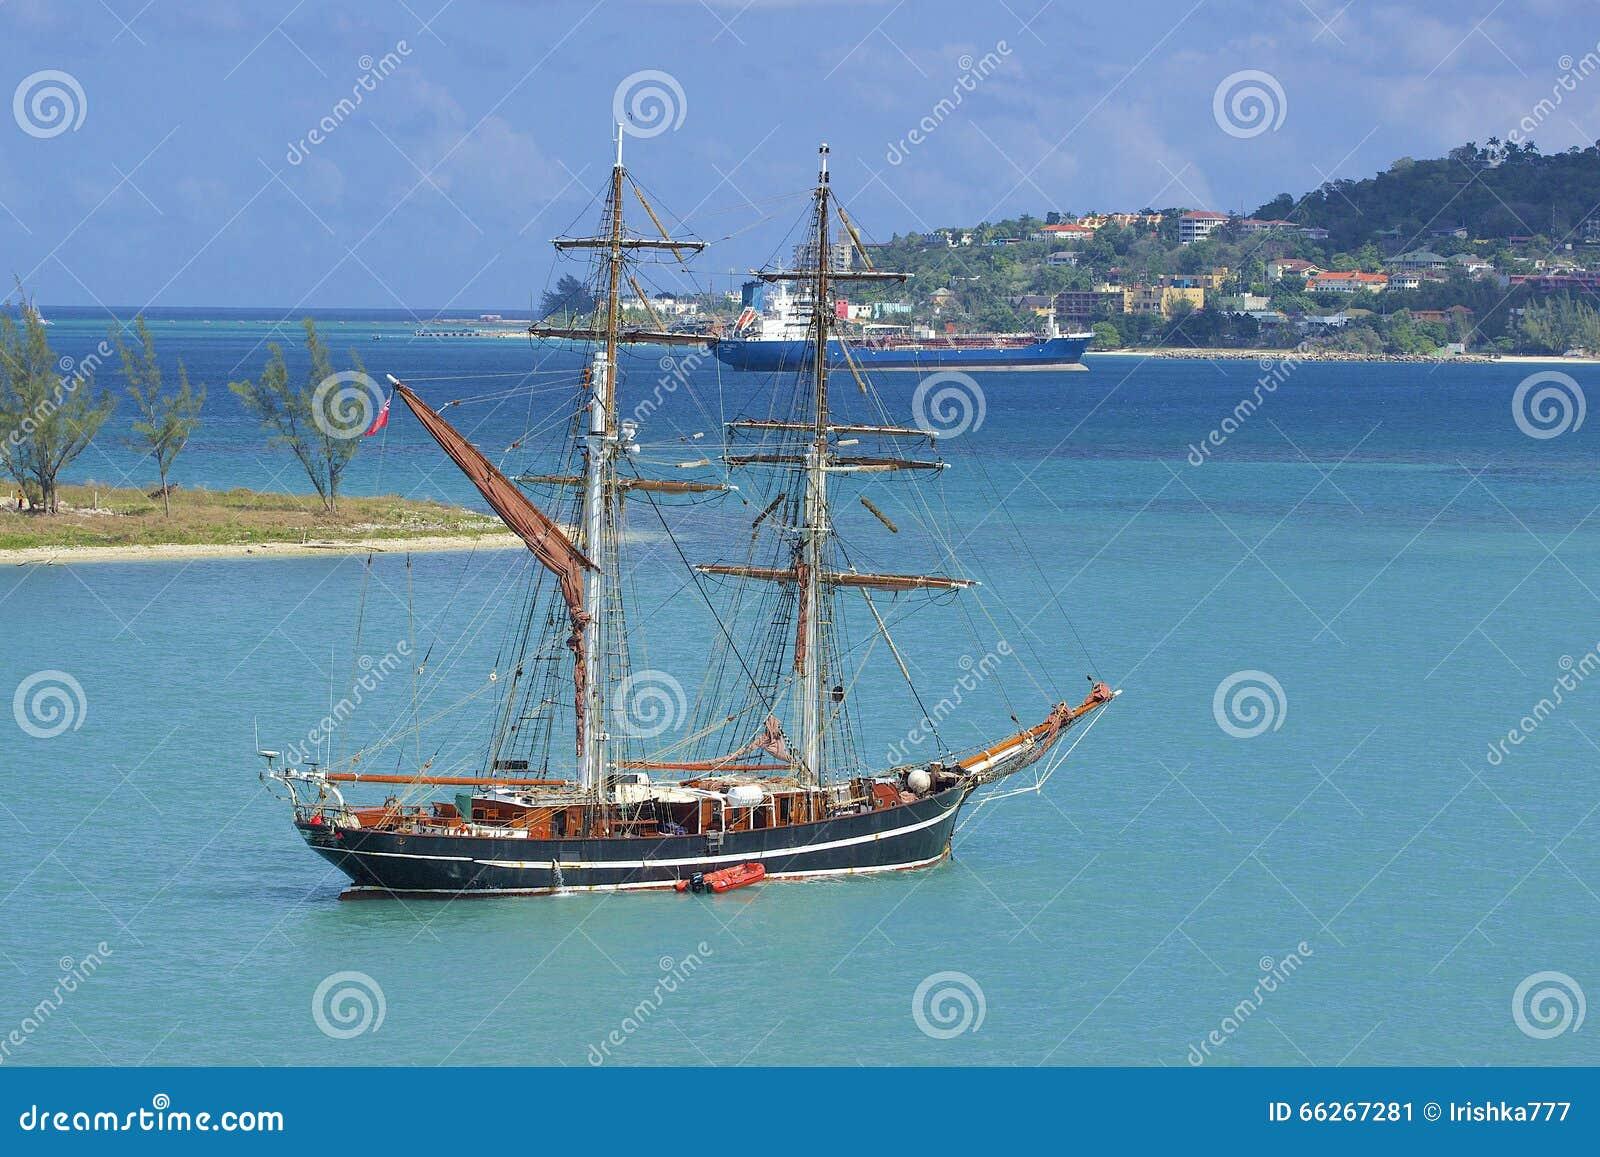 Piraatboot in Montego Bay in Caraïbisch Jamaïca,